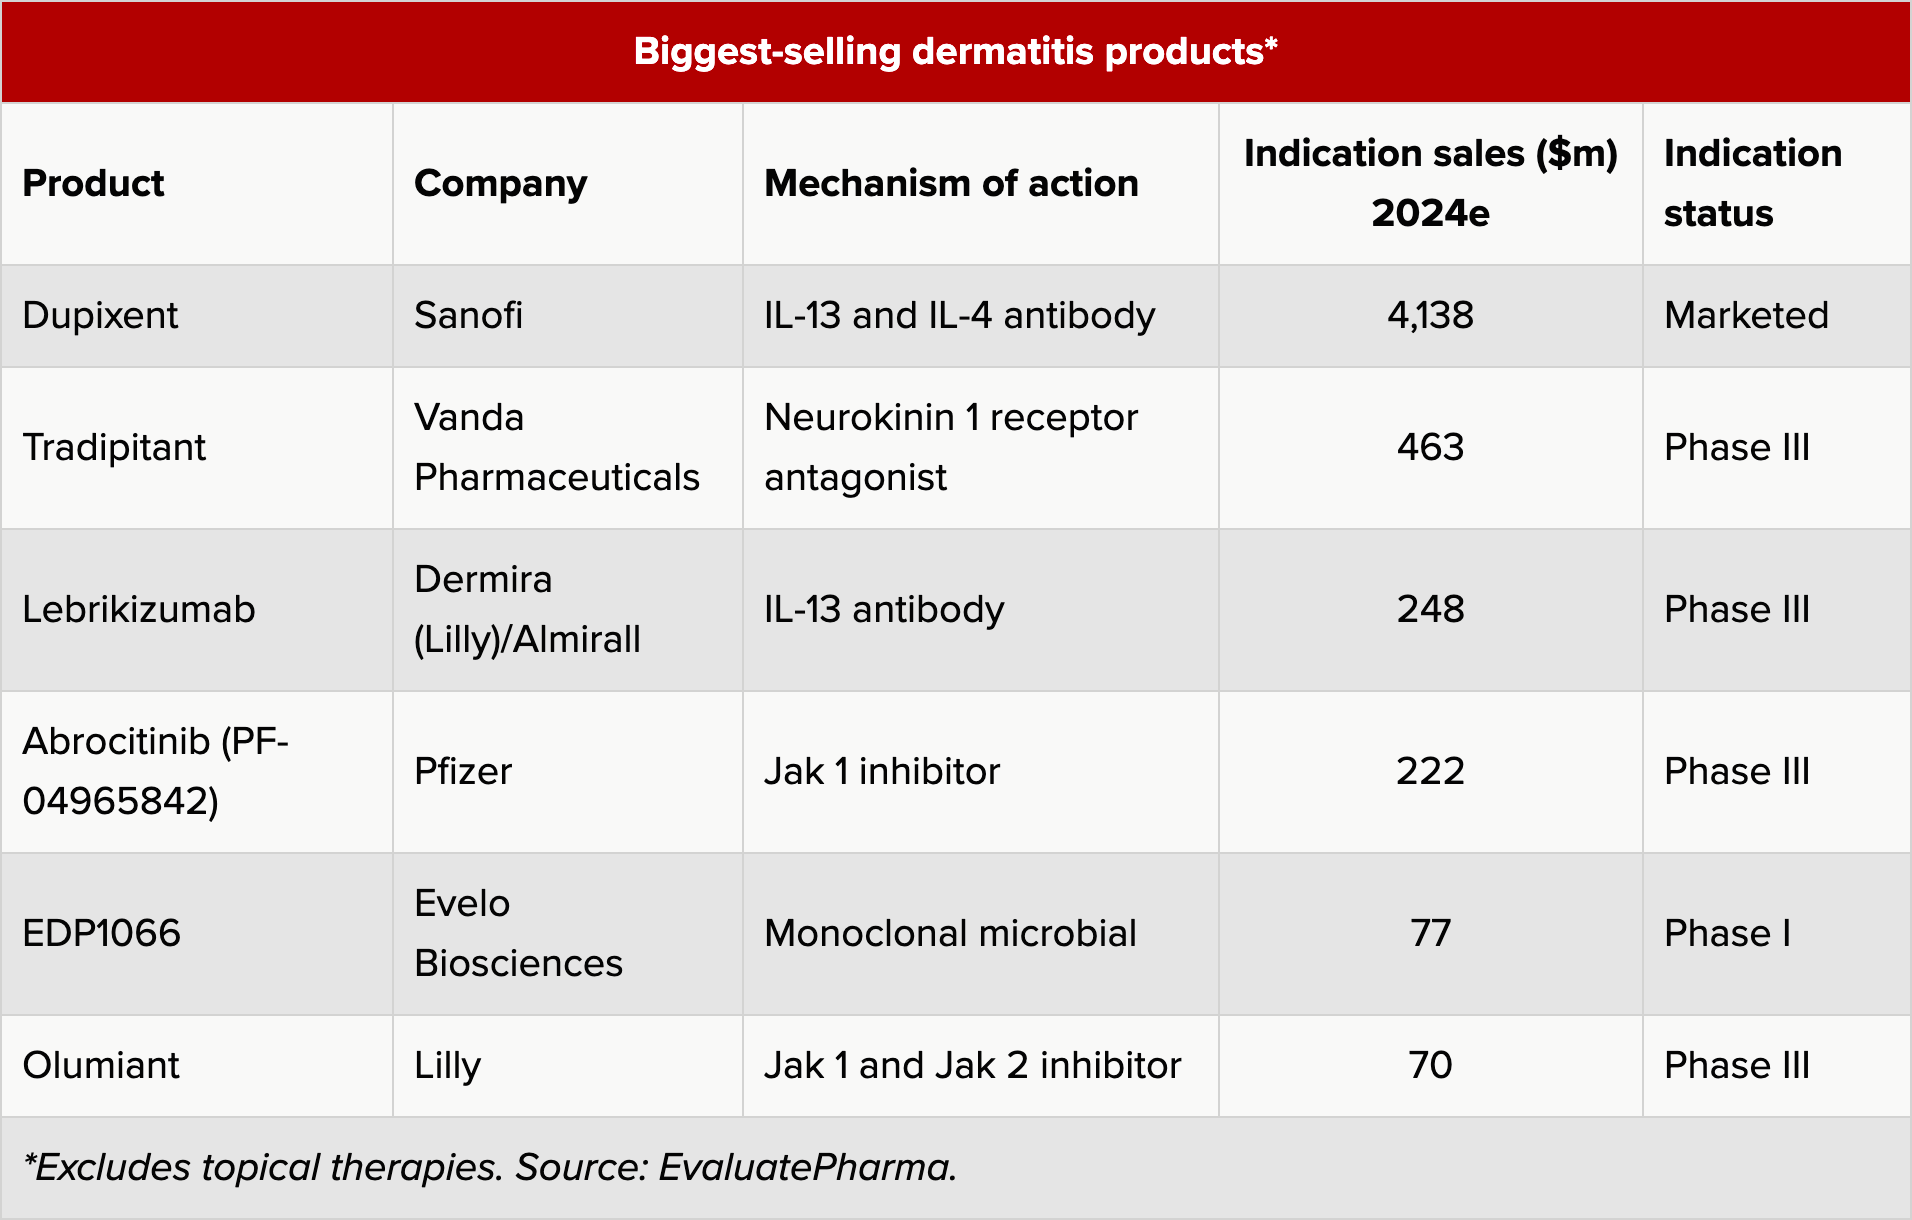 biggest selling atopic dermatitis drugs - Лебрикизумаб: достойный конкурент «Дупиксента» против экземы